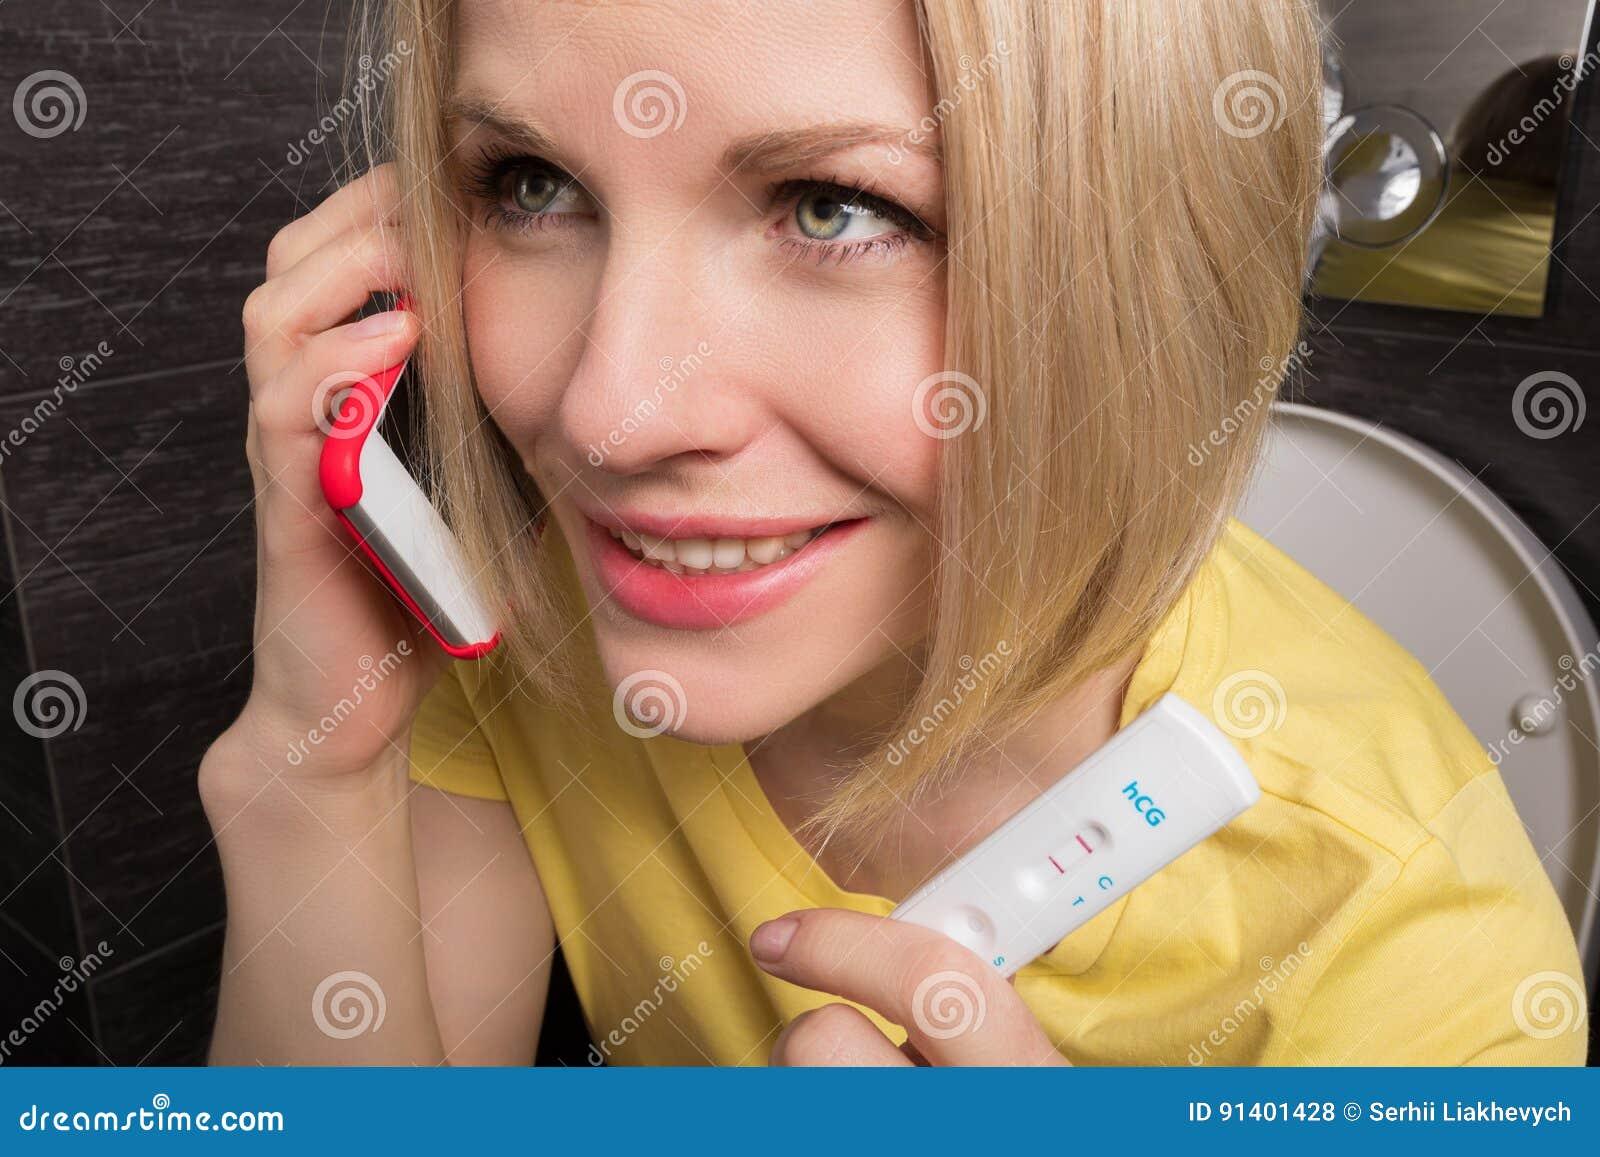 Беременная женщина в туалете